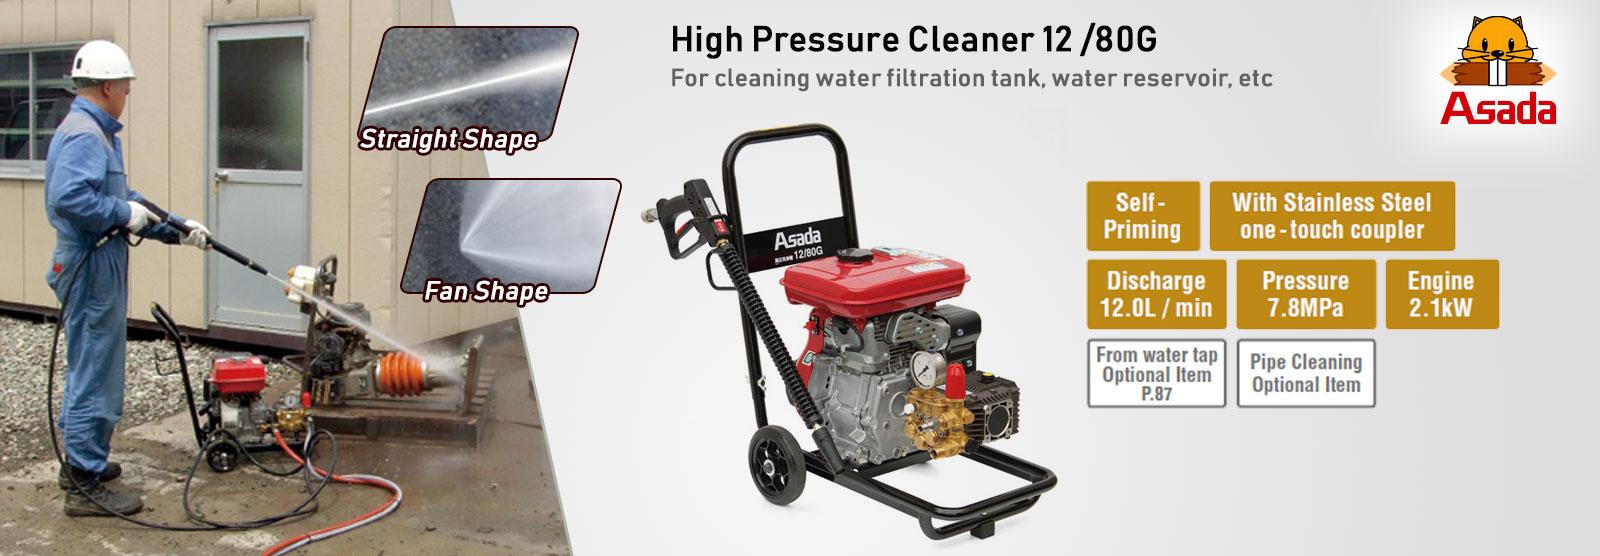 Asada Pressure Cleaner 12